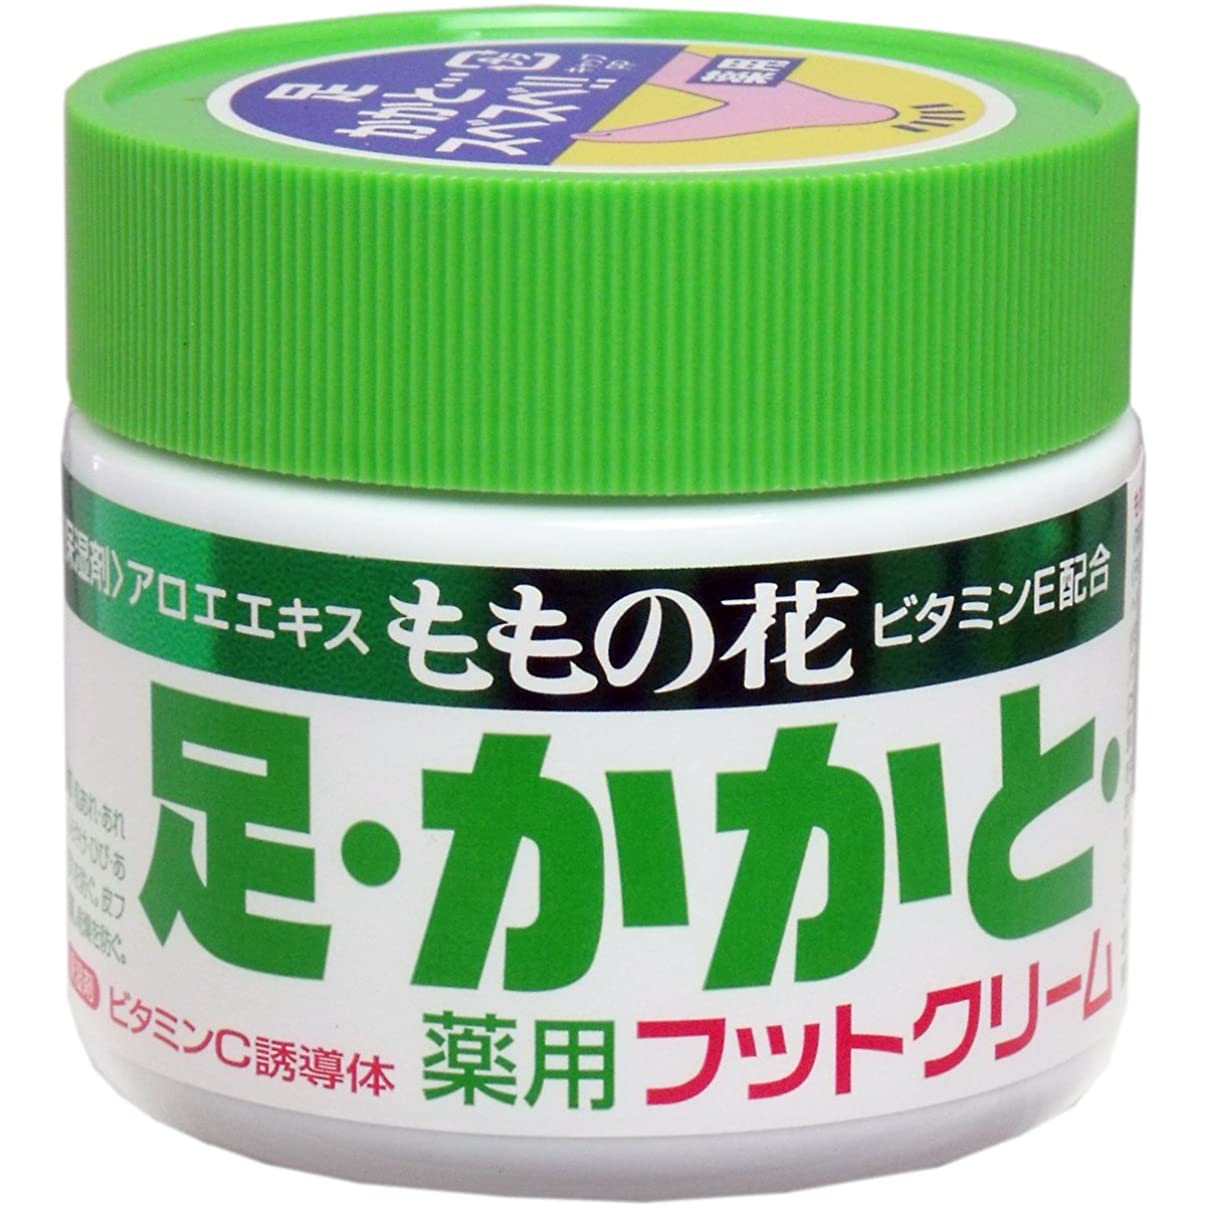 アームストロング補償ラベル【まとめ買い】ももの花 薬用フットクリームC 70g ×2セット